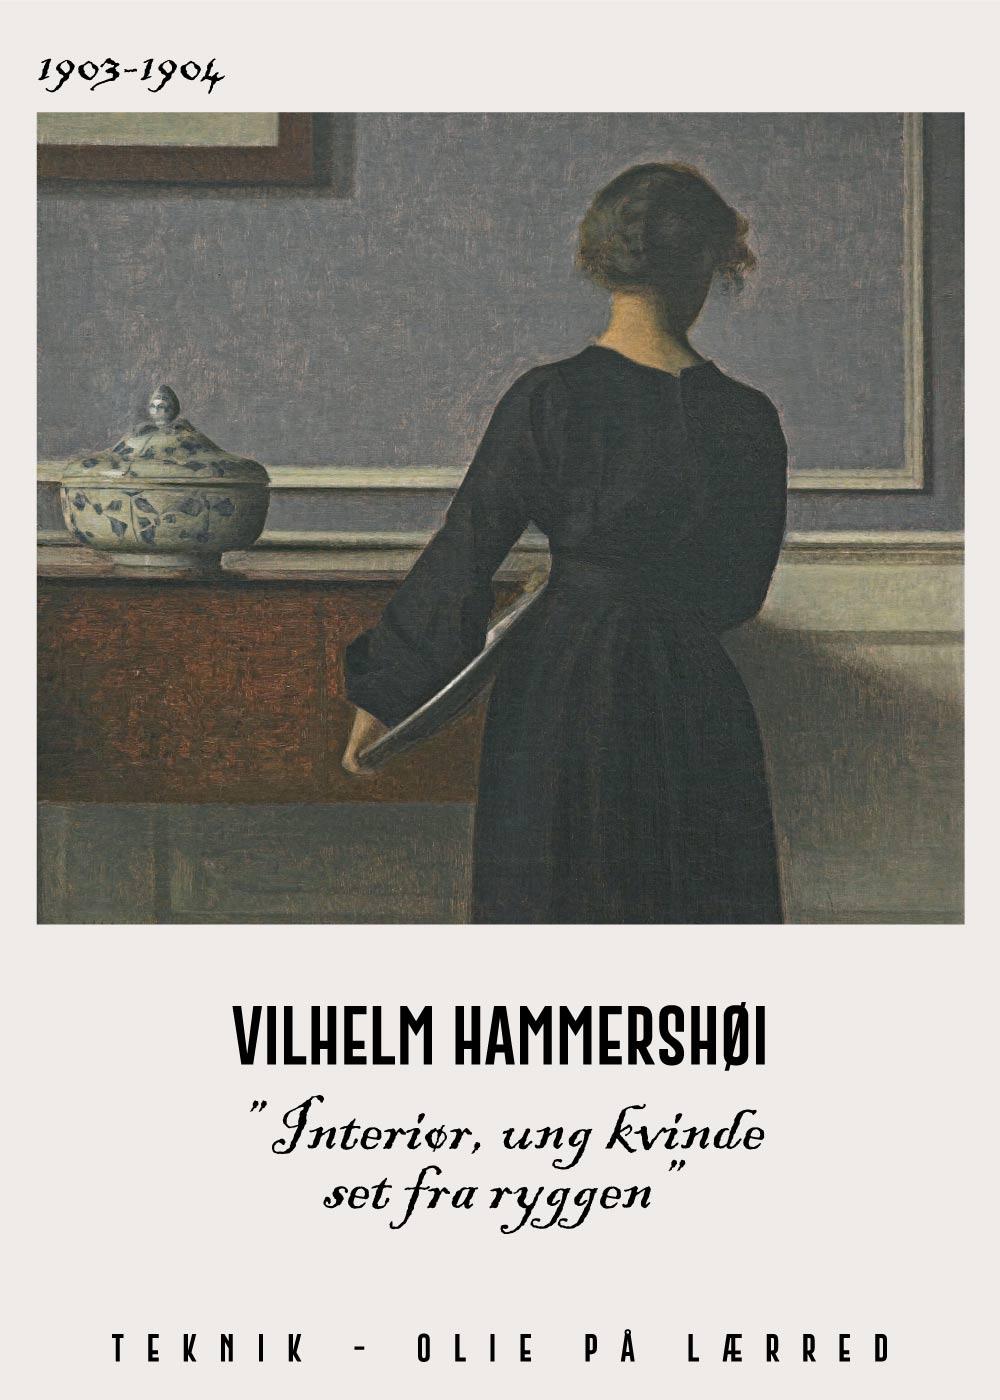 Billede af Interiør, ung kvinde set fra ryggen - Vilhelm Hammershøi Kunstplakat